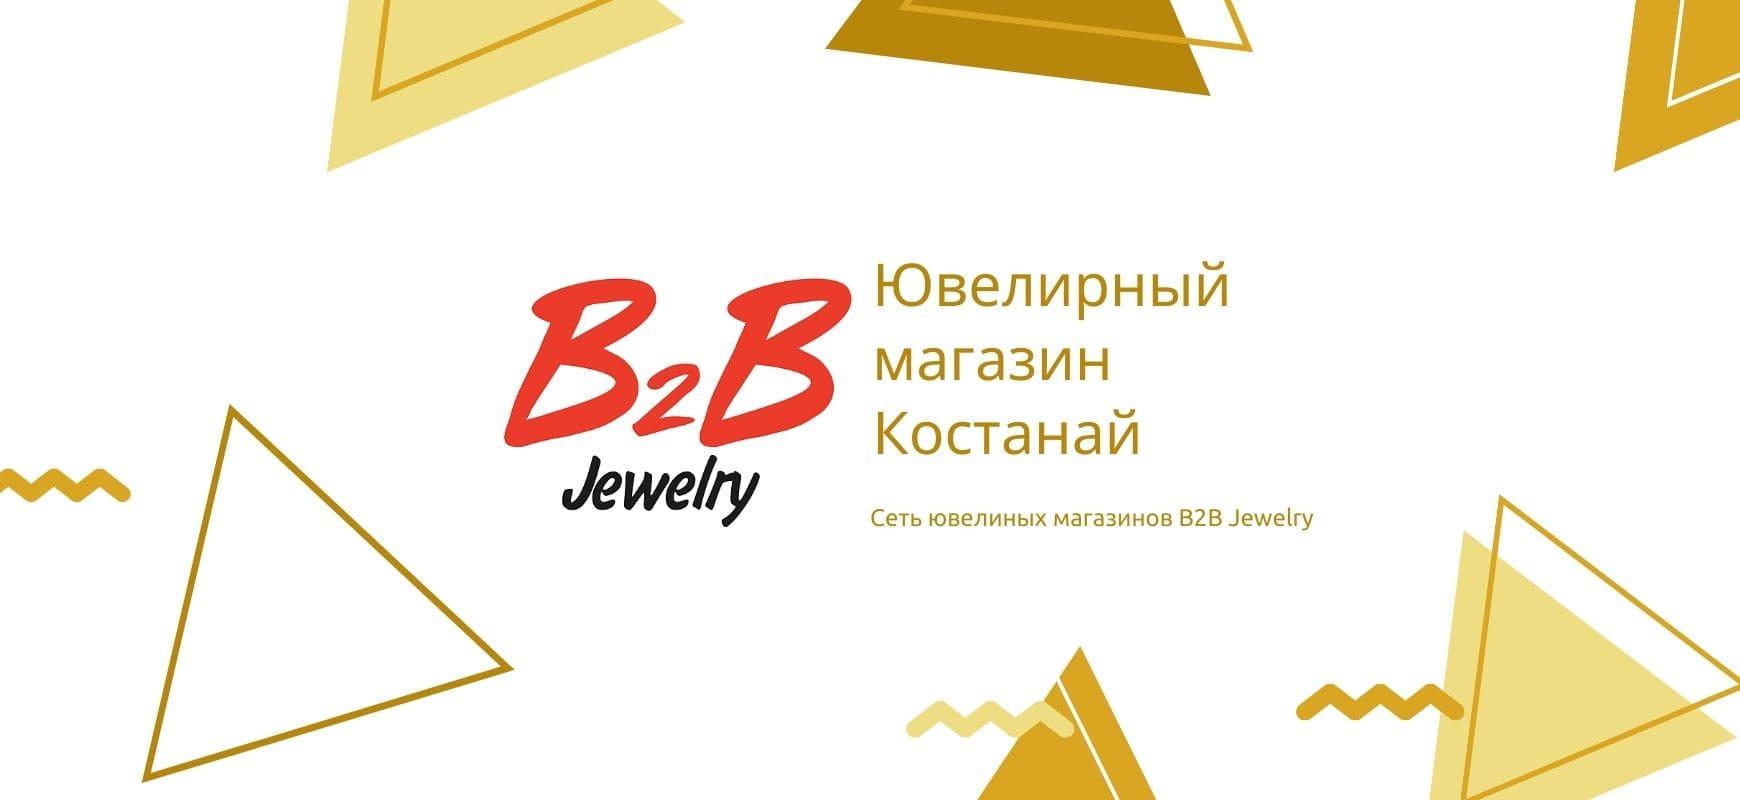 B2B JEWELRY КОСТАНАЙ